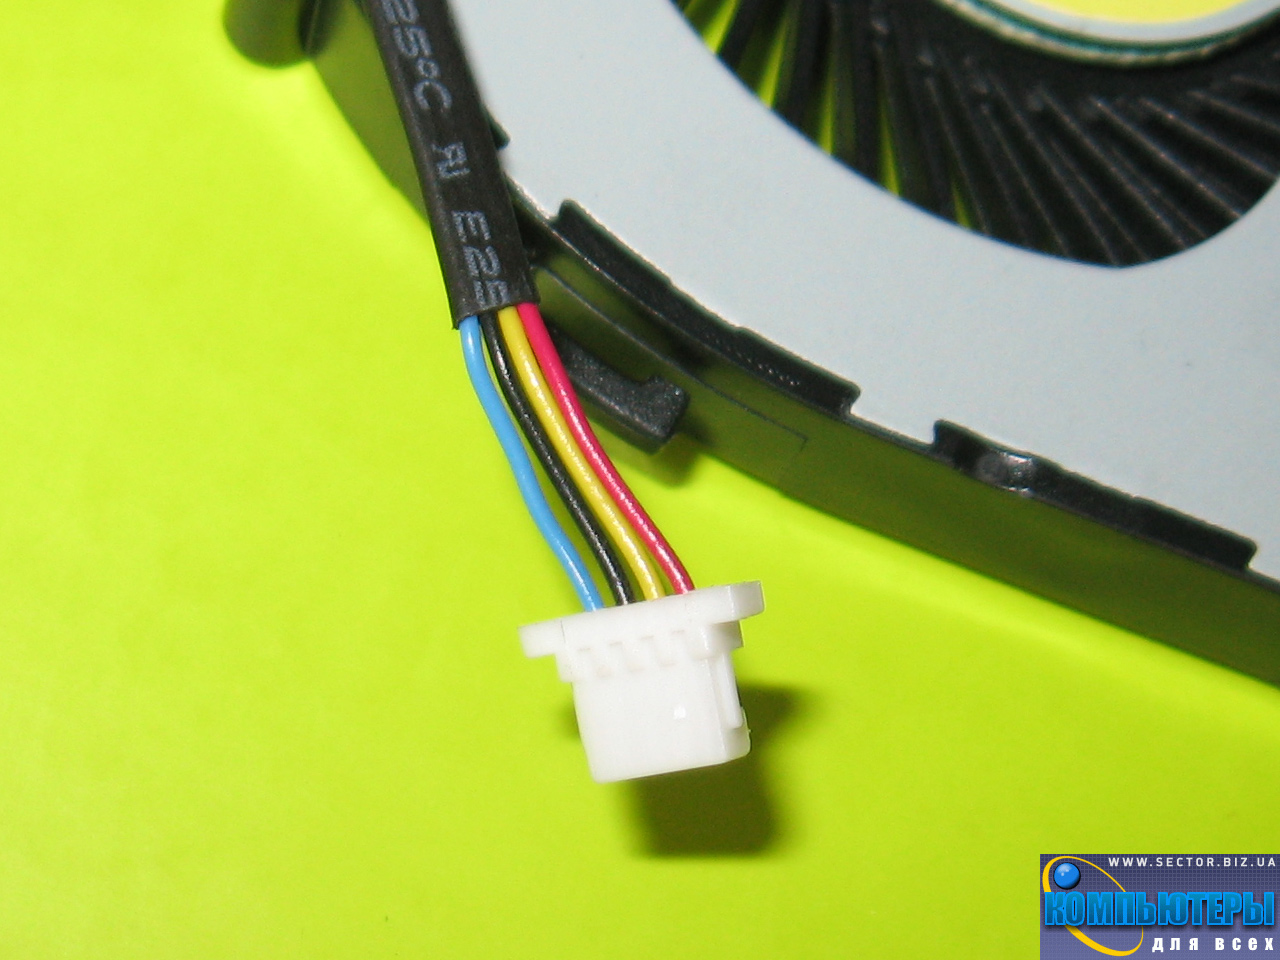 Кулер к ноутбуку Acer Aspire V5-471 V5-471G V5-531 V5-531G V5-571 V5-571G p/n: DFS481305MC0T FC38 23.10703.001. Фото № 1.